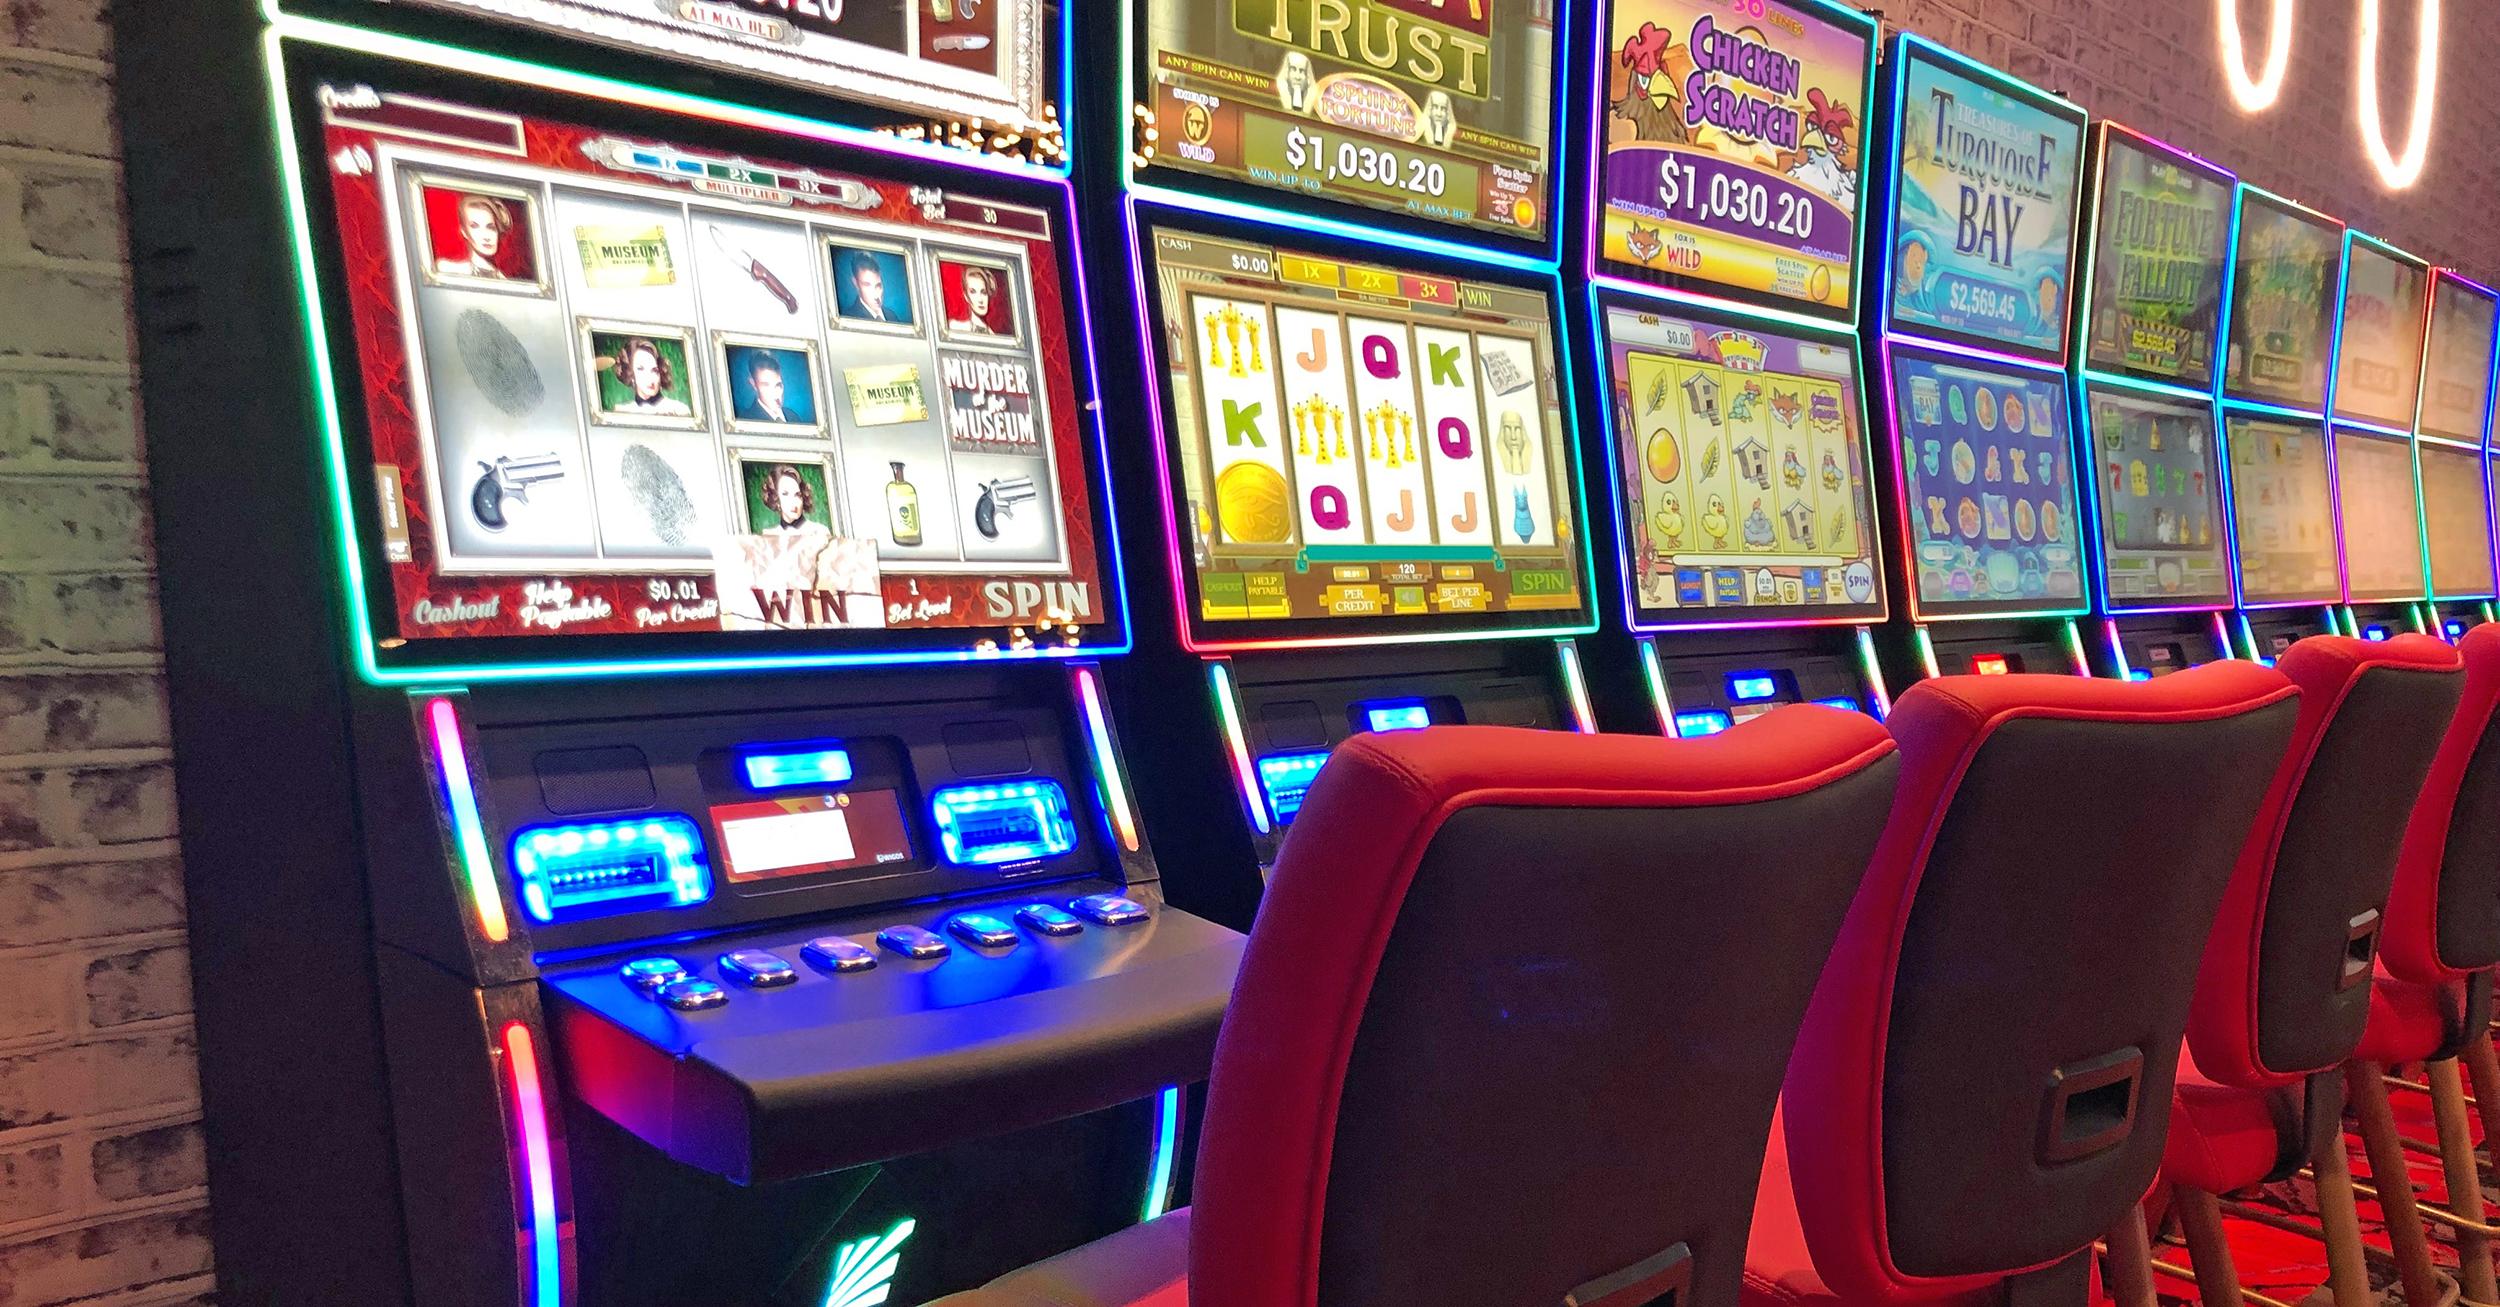 rosies in vinton gaming machines